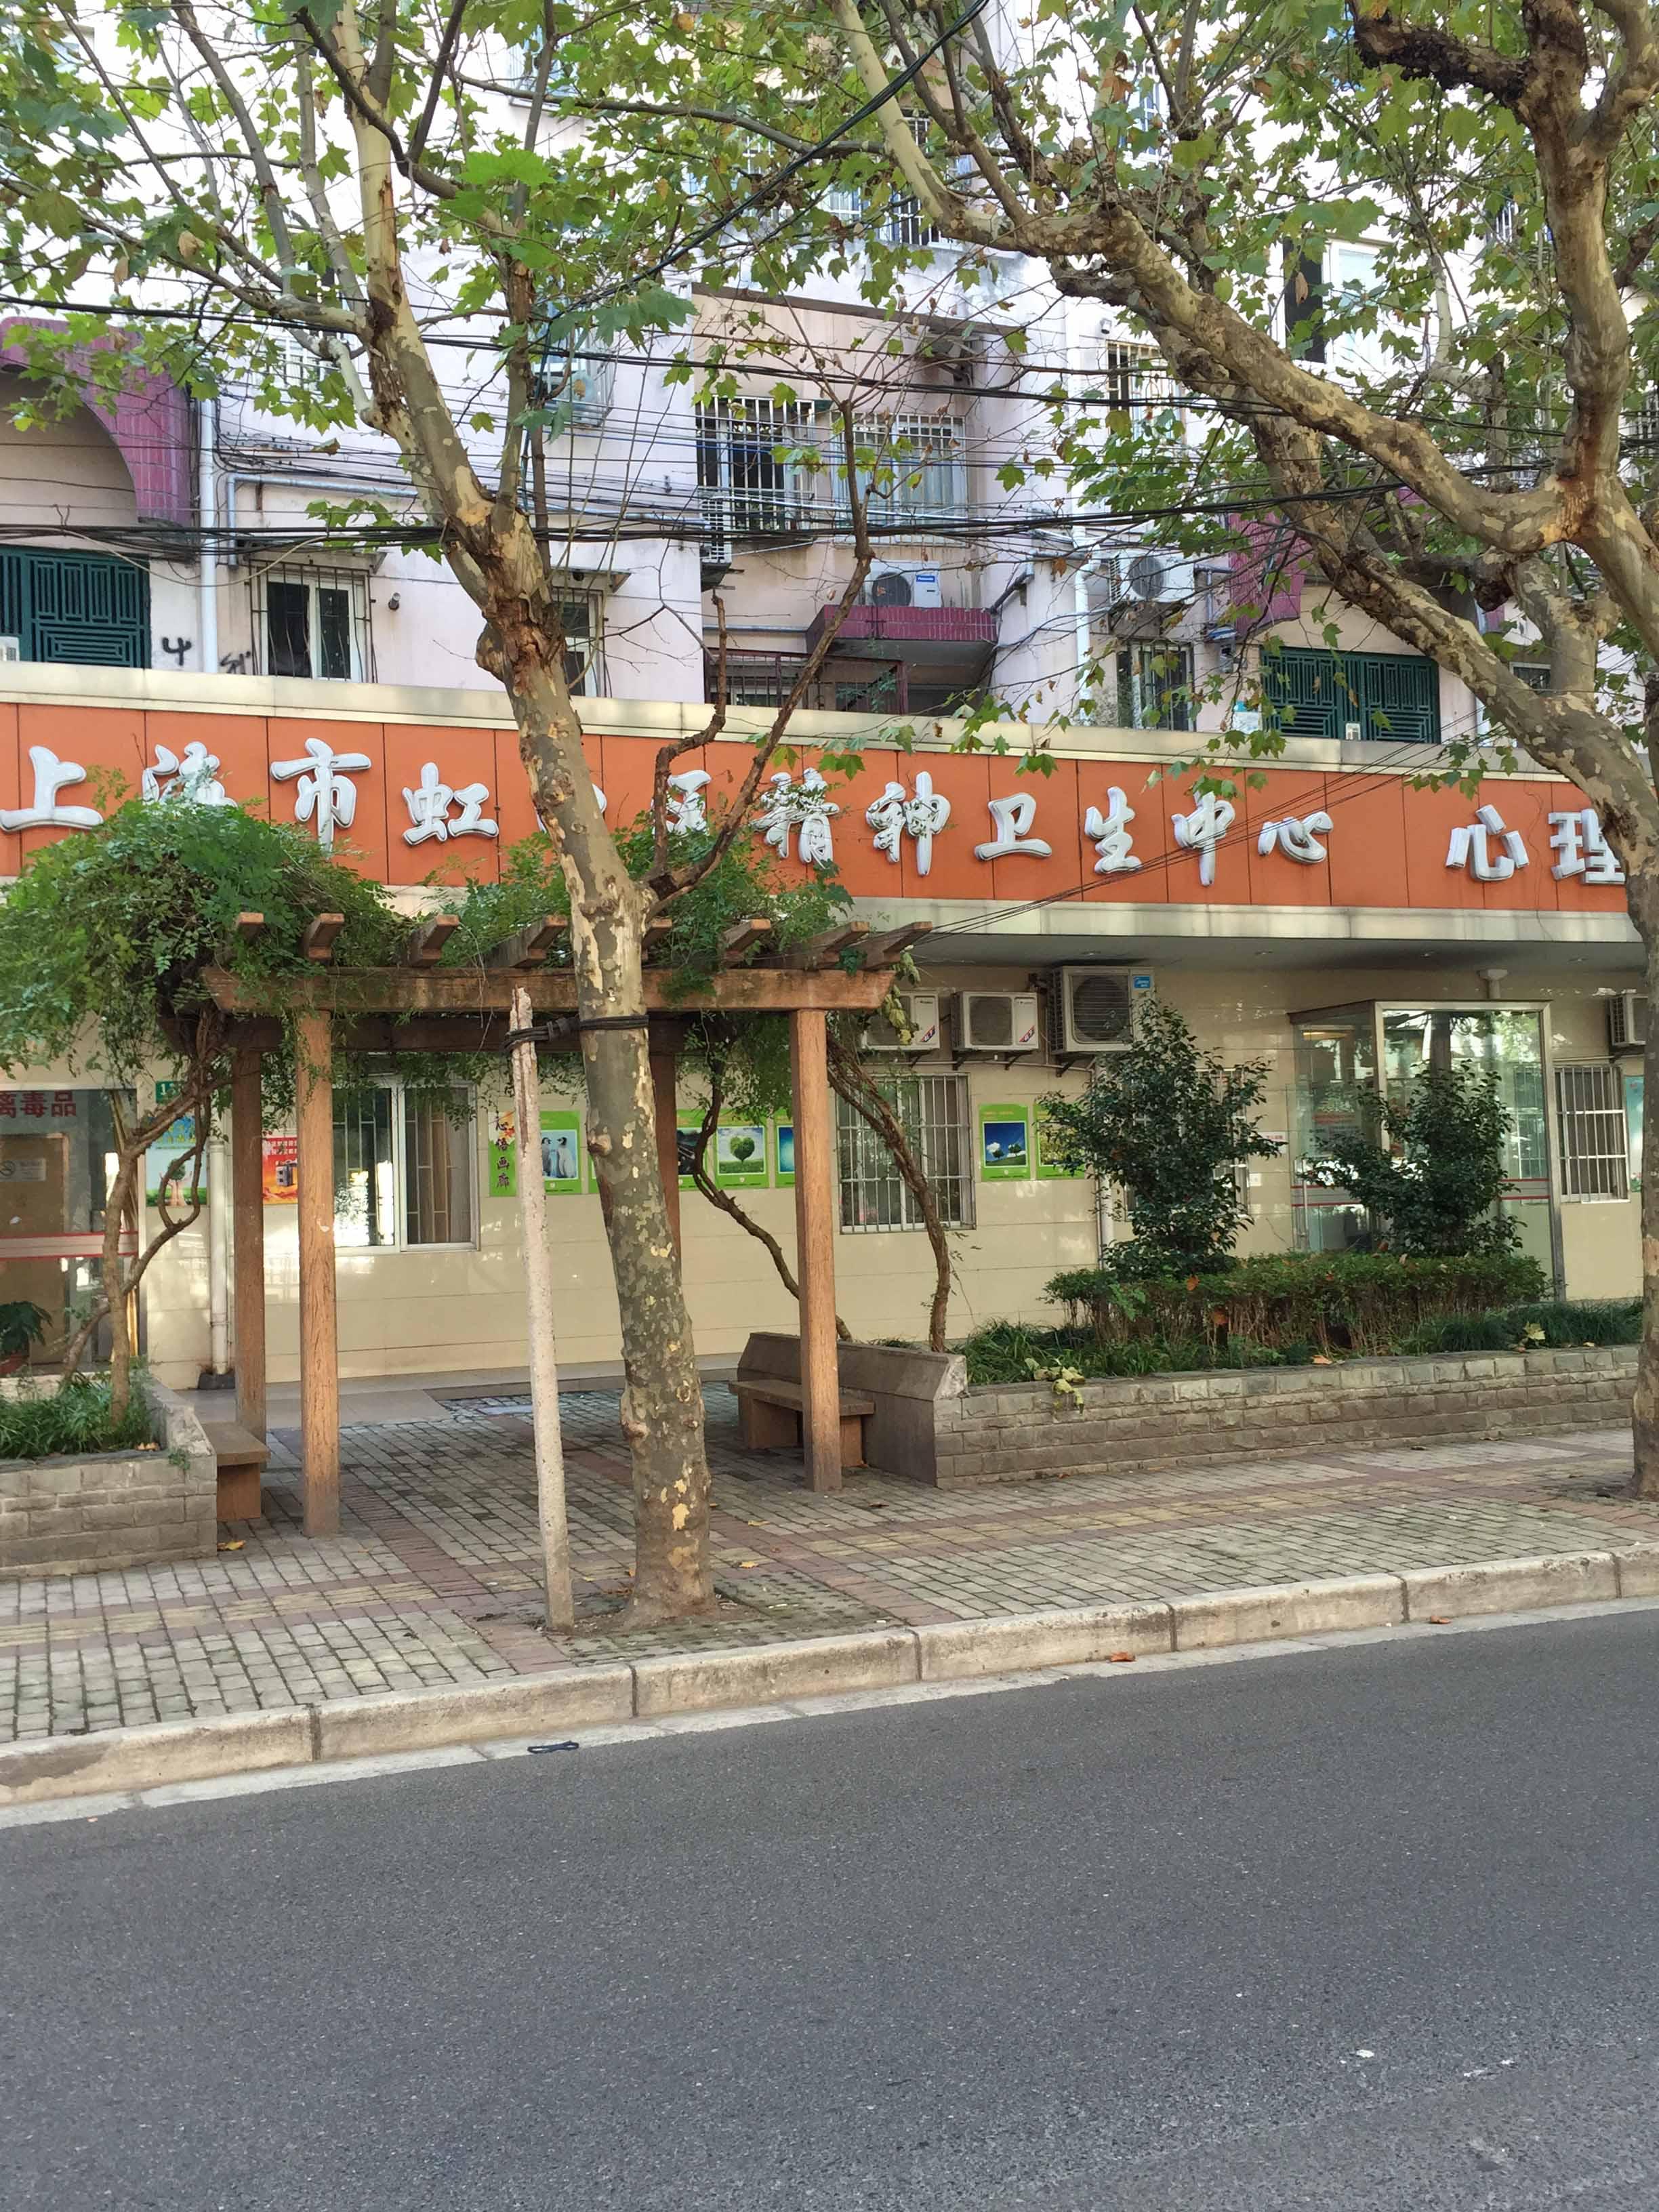 这里就是我小时候一直来看病的虹口医院。现为虹口区精神卫生中心心理治疗中心。(配于《虹口医院》一章中).JPG